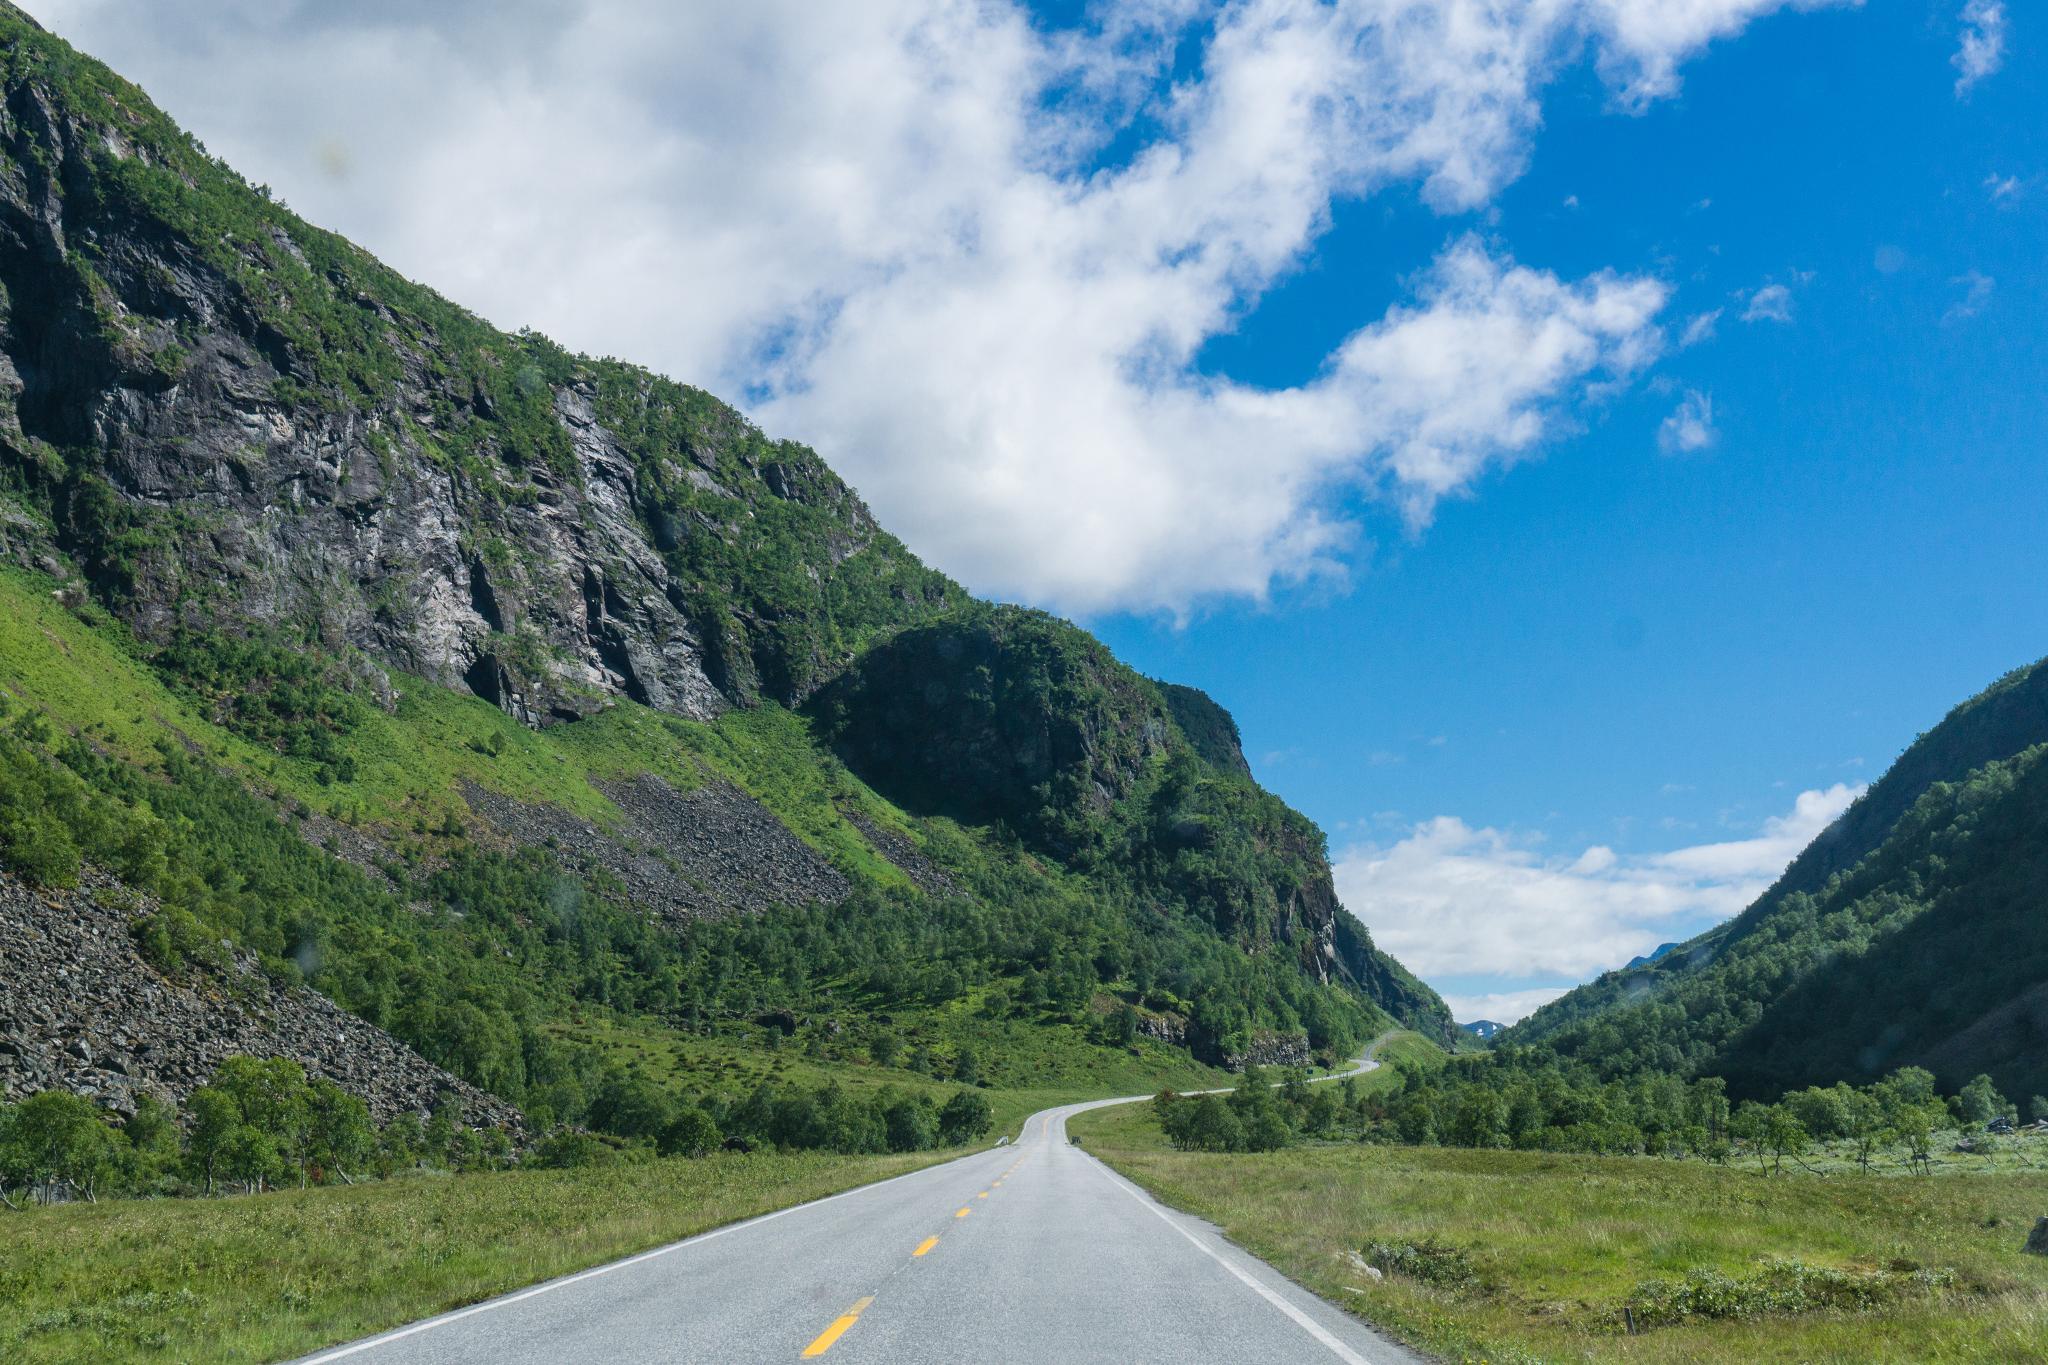 【北歐景點】Ørnesvingen 老鷹之路 ∣ 挪威世界遺產 — 蓋倫格峽灣景點總整理 7